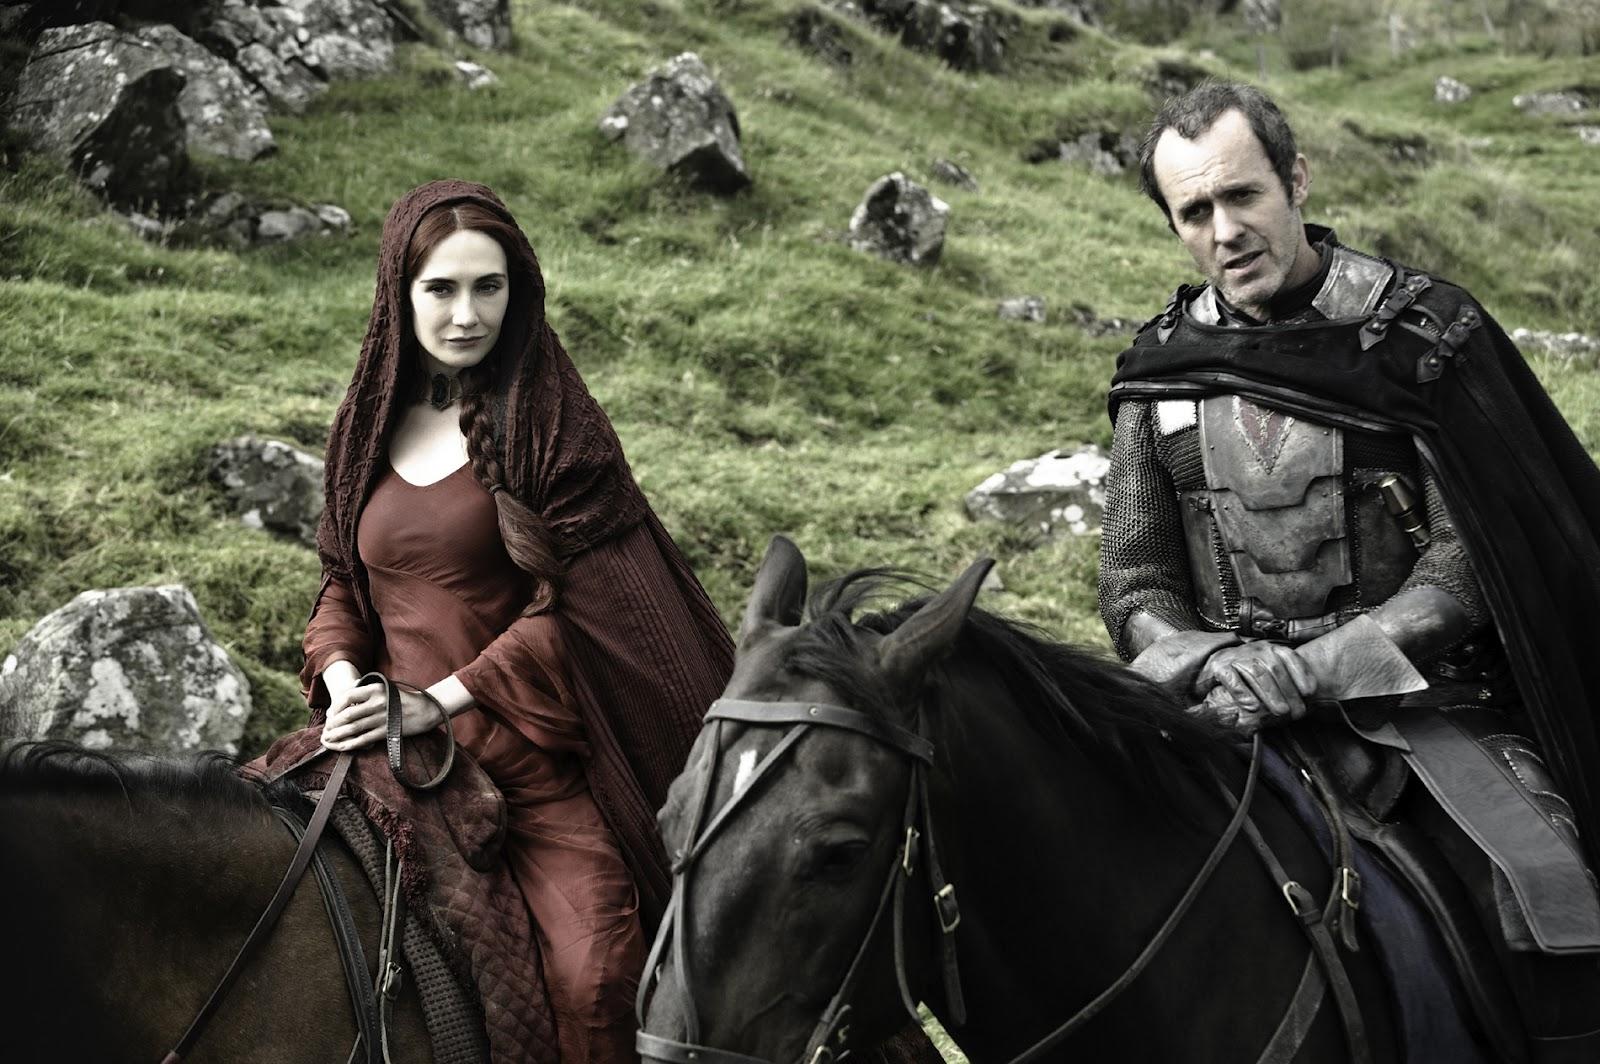 """""""Stannis, it's me, Melisandre, I've come ho-o-o-o-ome,                               so cold, let me poison some old du-u-u-ude..."""""""